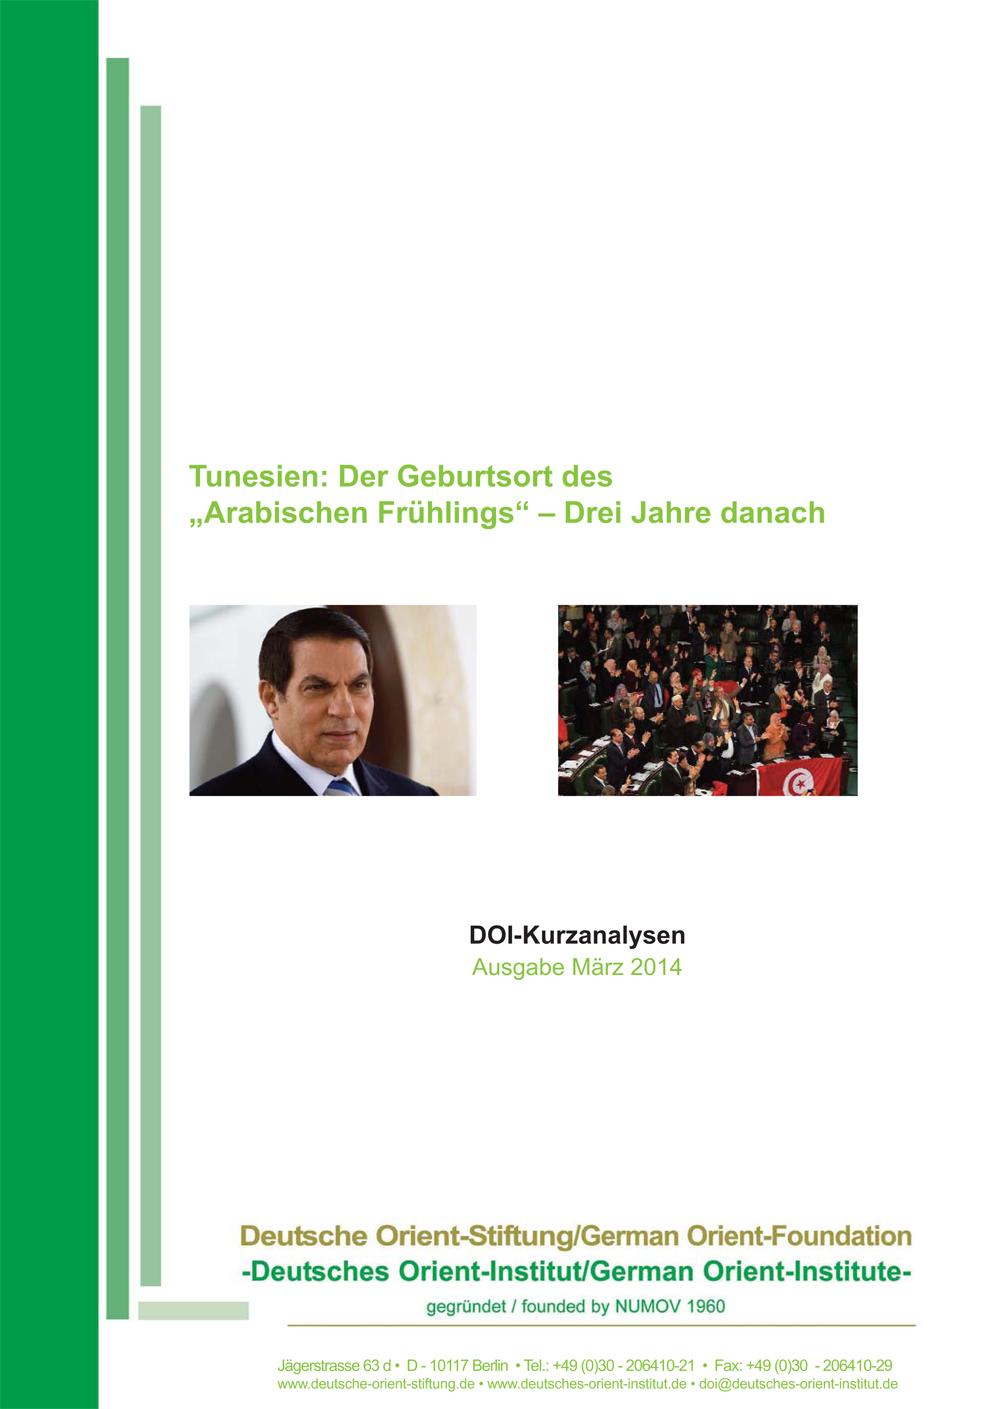 """Featured image for """"Tunesien: Der Geburtsort des """"Arabischen Frühlings"""" (3 Jahre danach)"""""""